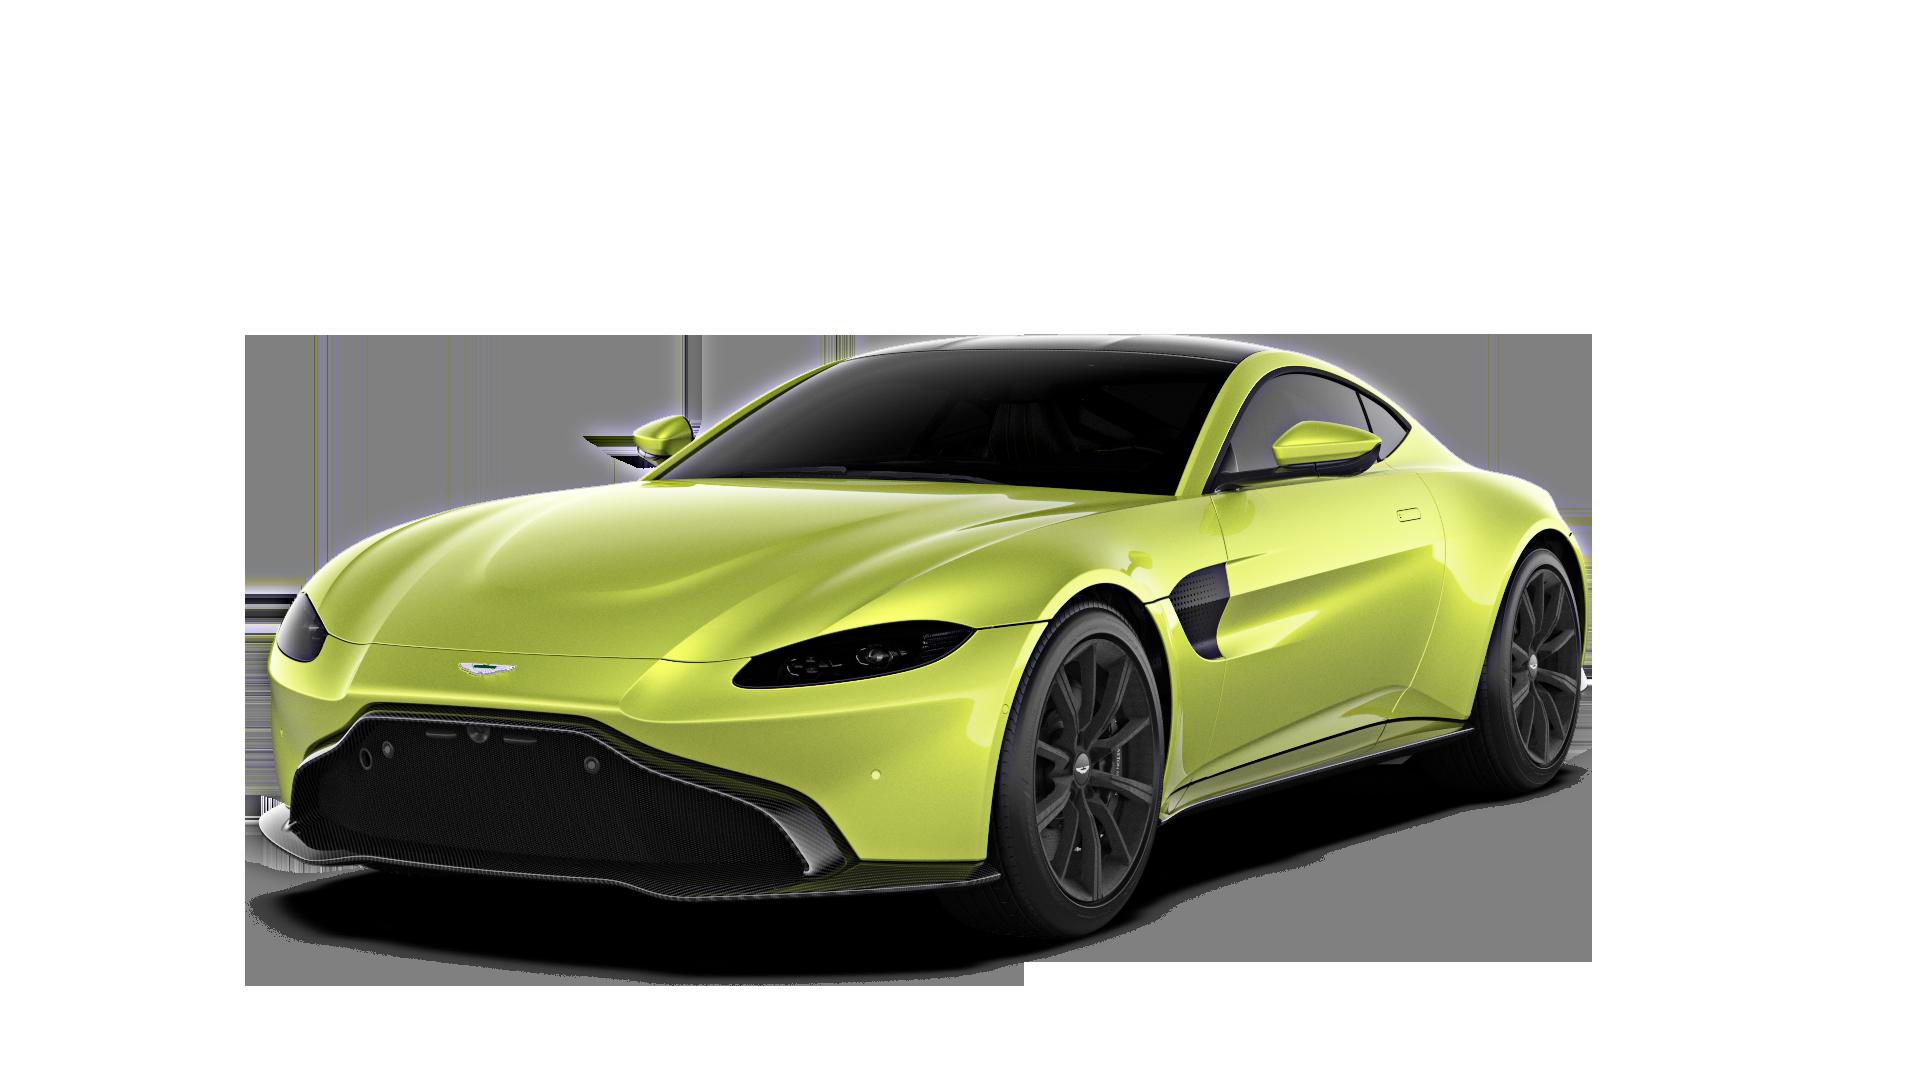 2018 Aston Martin Vantage Cars Pinterest Aston Martin Vantage